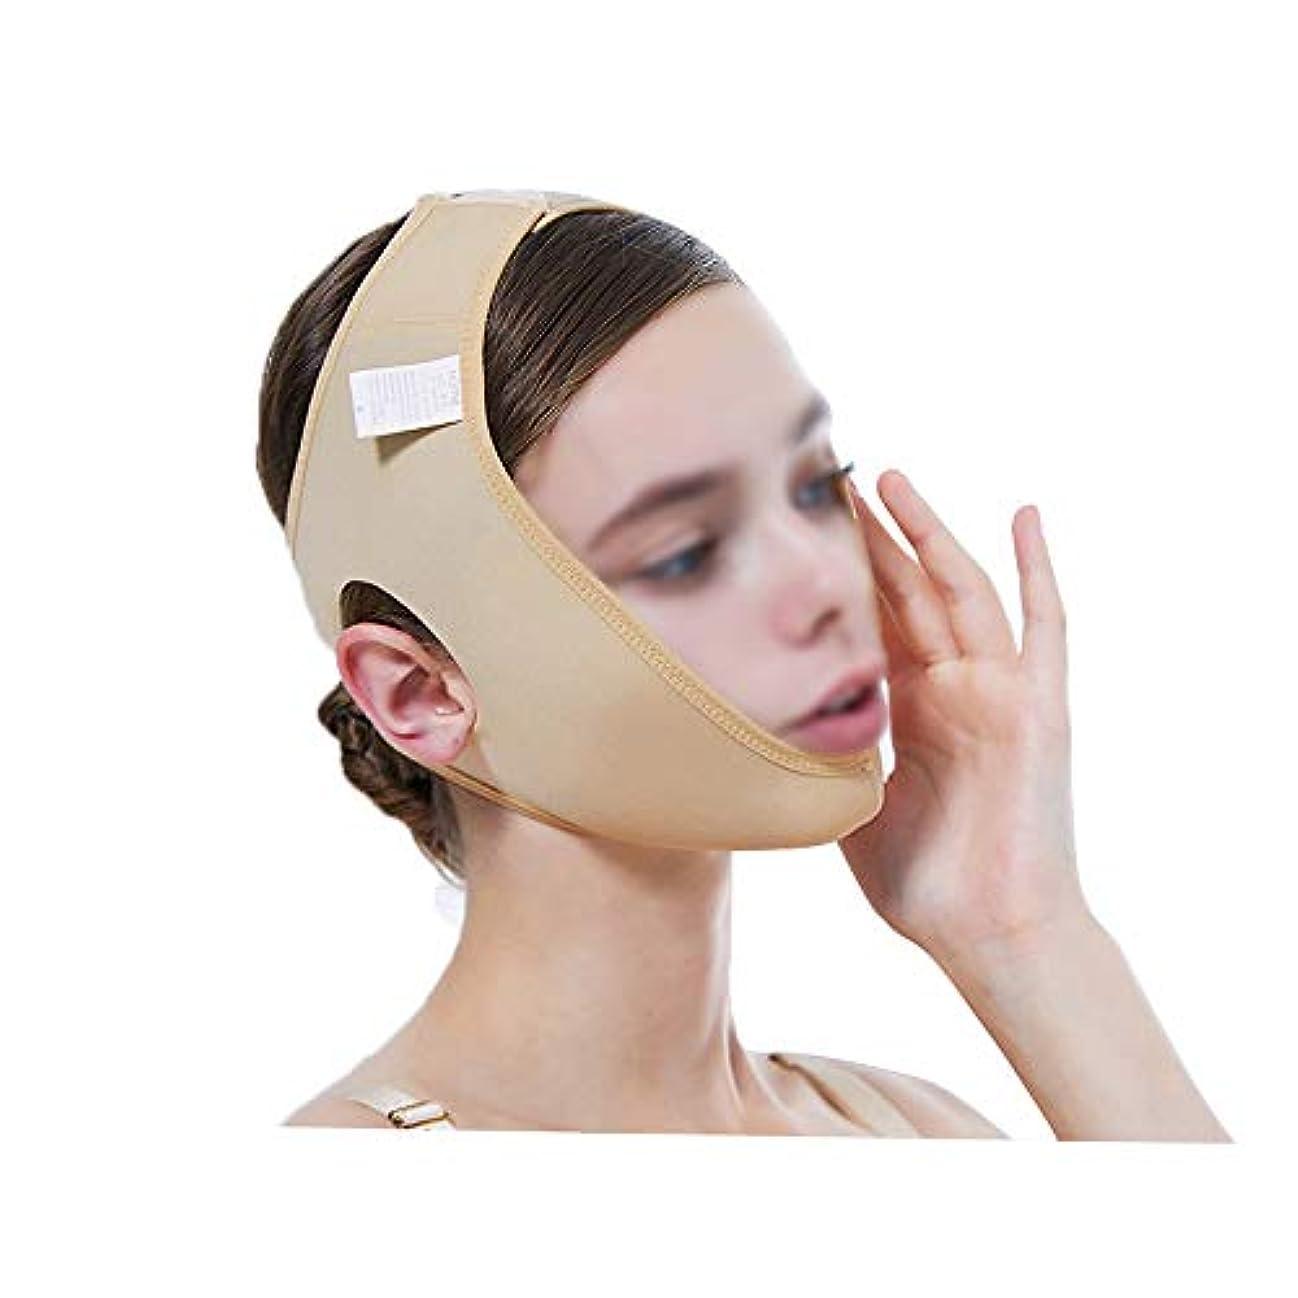 癌貞シェードXHLMRMJ フェイス&ネックリフト、減量ポストヘッドシンダブルチンアーティファクトVフェイスビームフェイスジョーセットフェイスマスク (Size : XS)